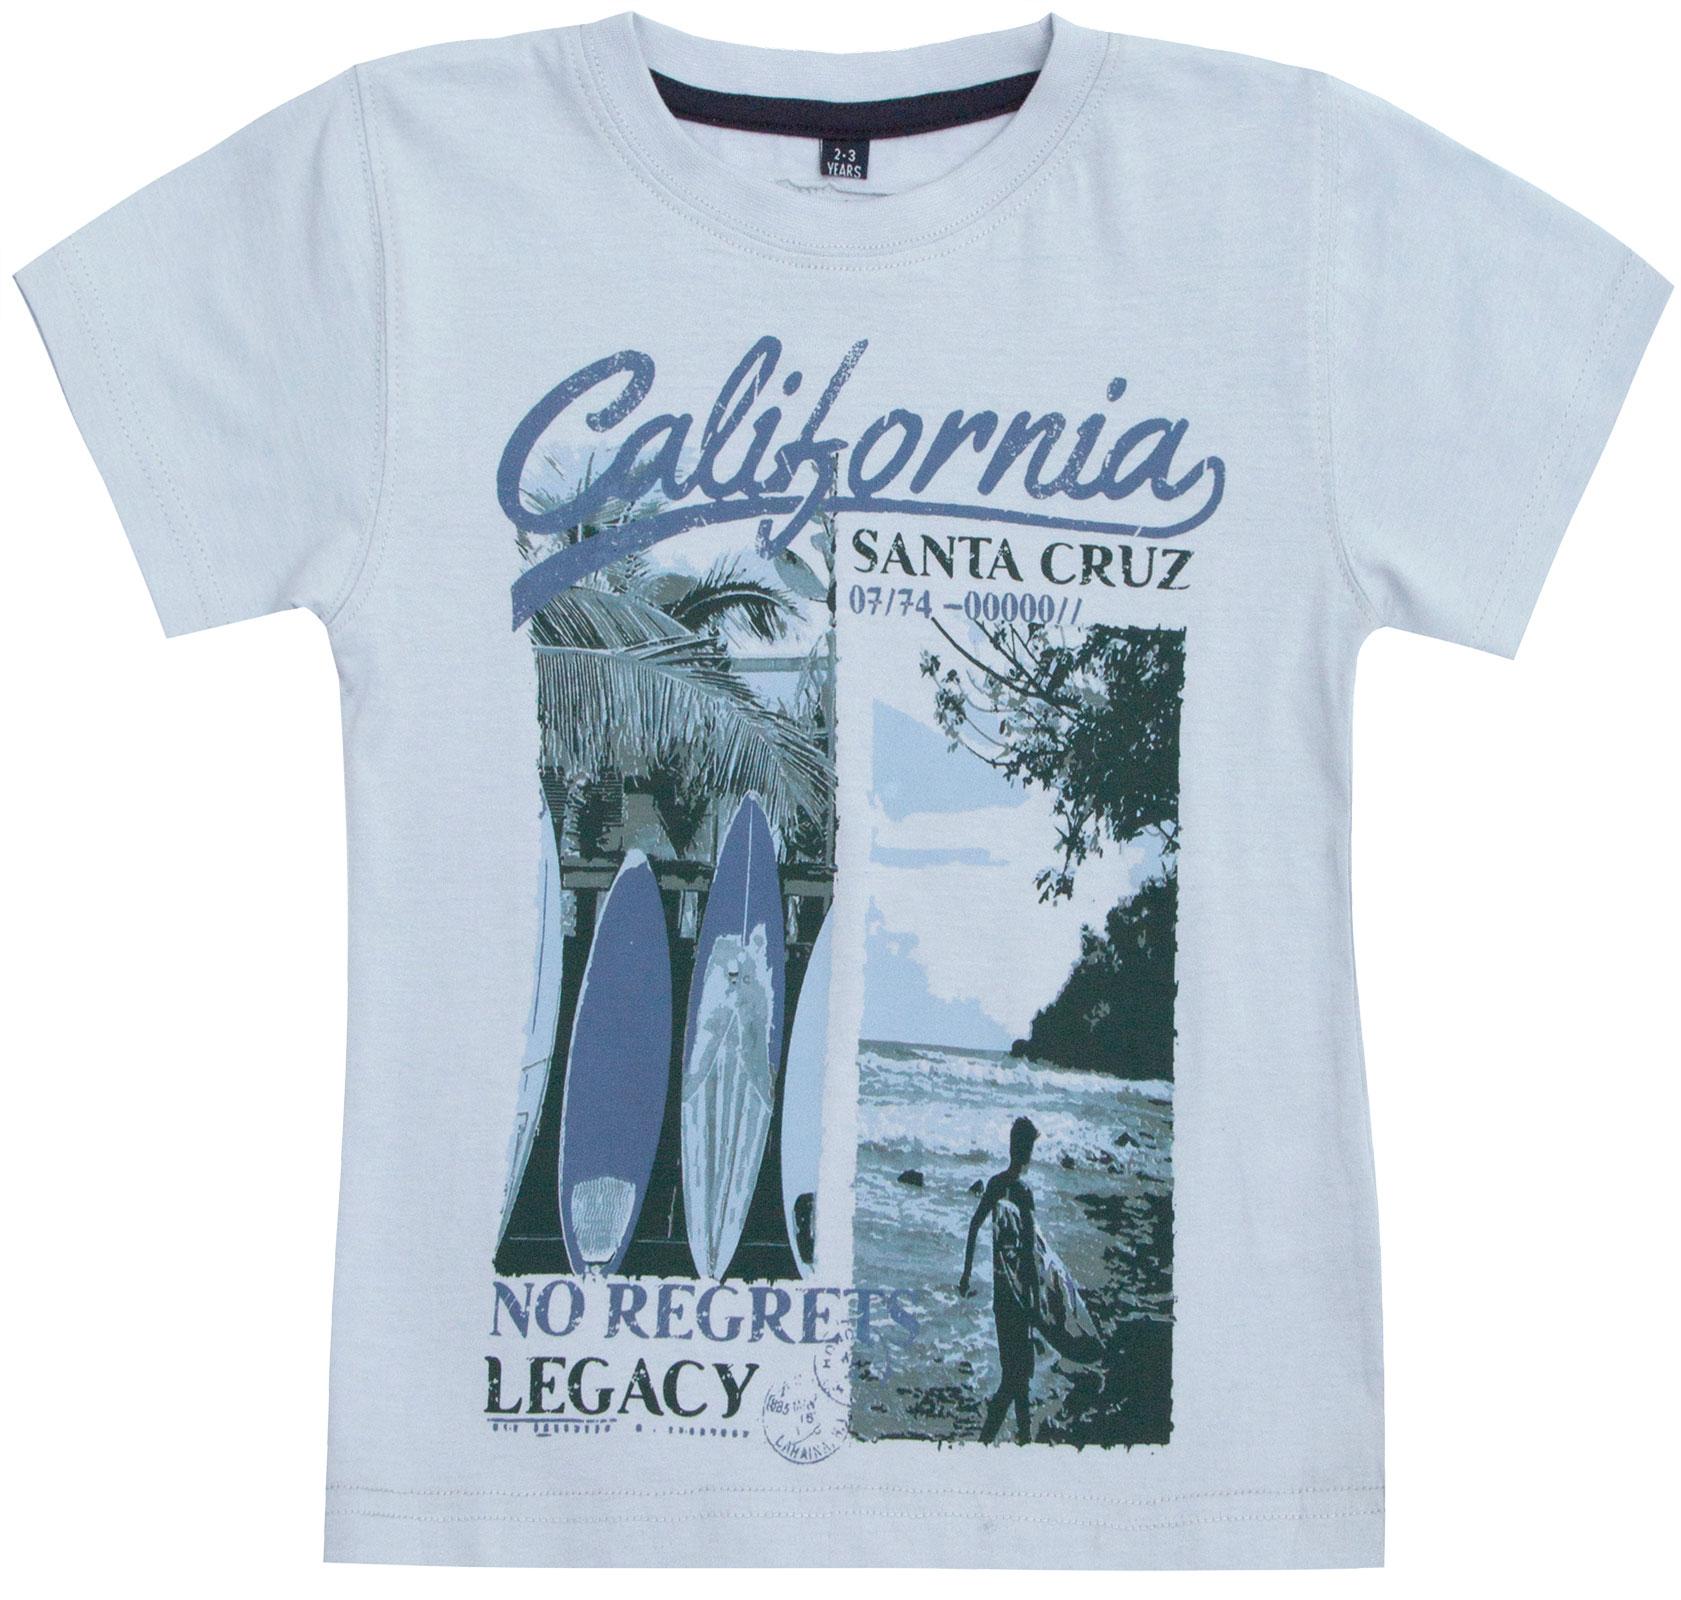 Garcons-Neuf-en-coton-T-shirt-a-encolure-ras-du-cou-d-039-ete-Enfant-Top-2-3-4-5-6-7-8-9-10-11-12-13 miniature 5